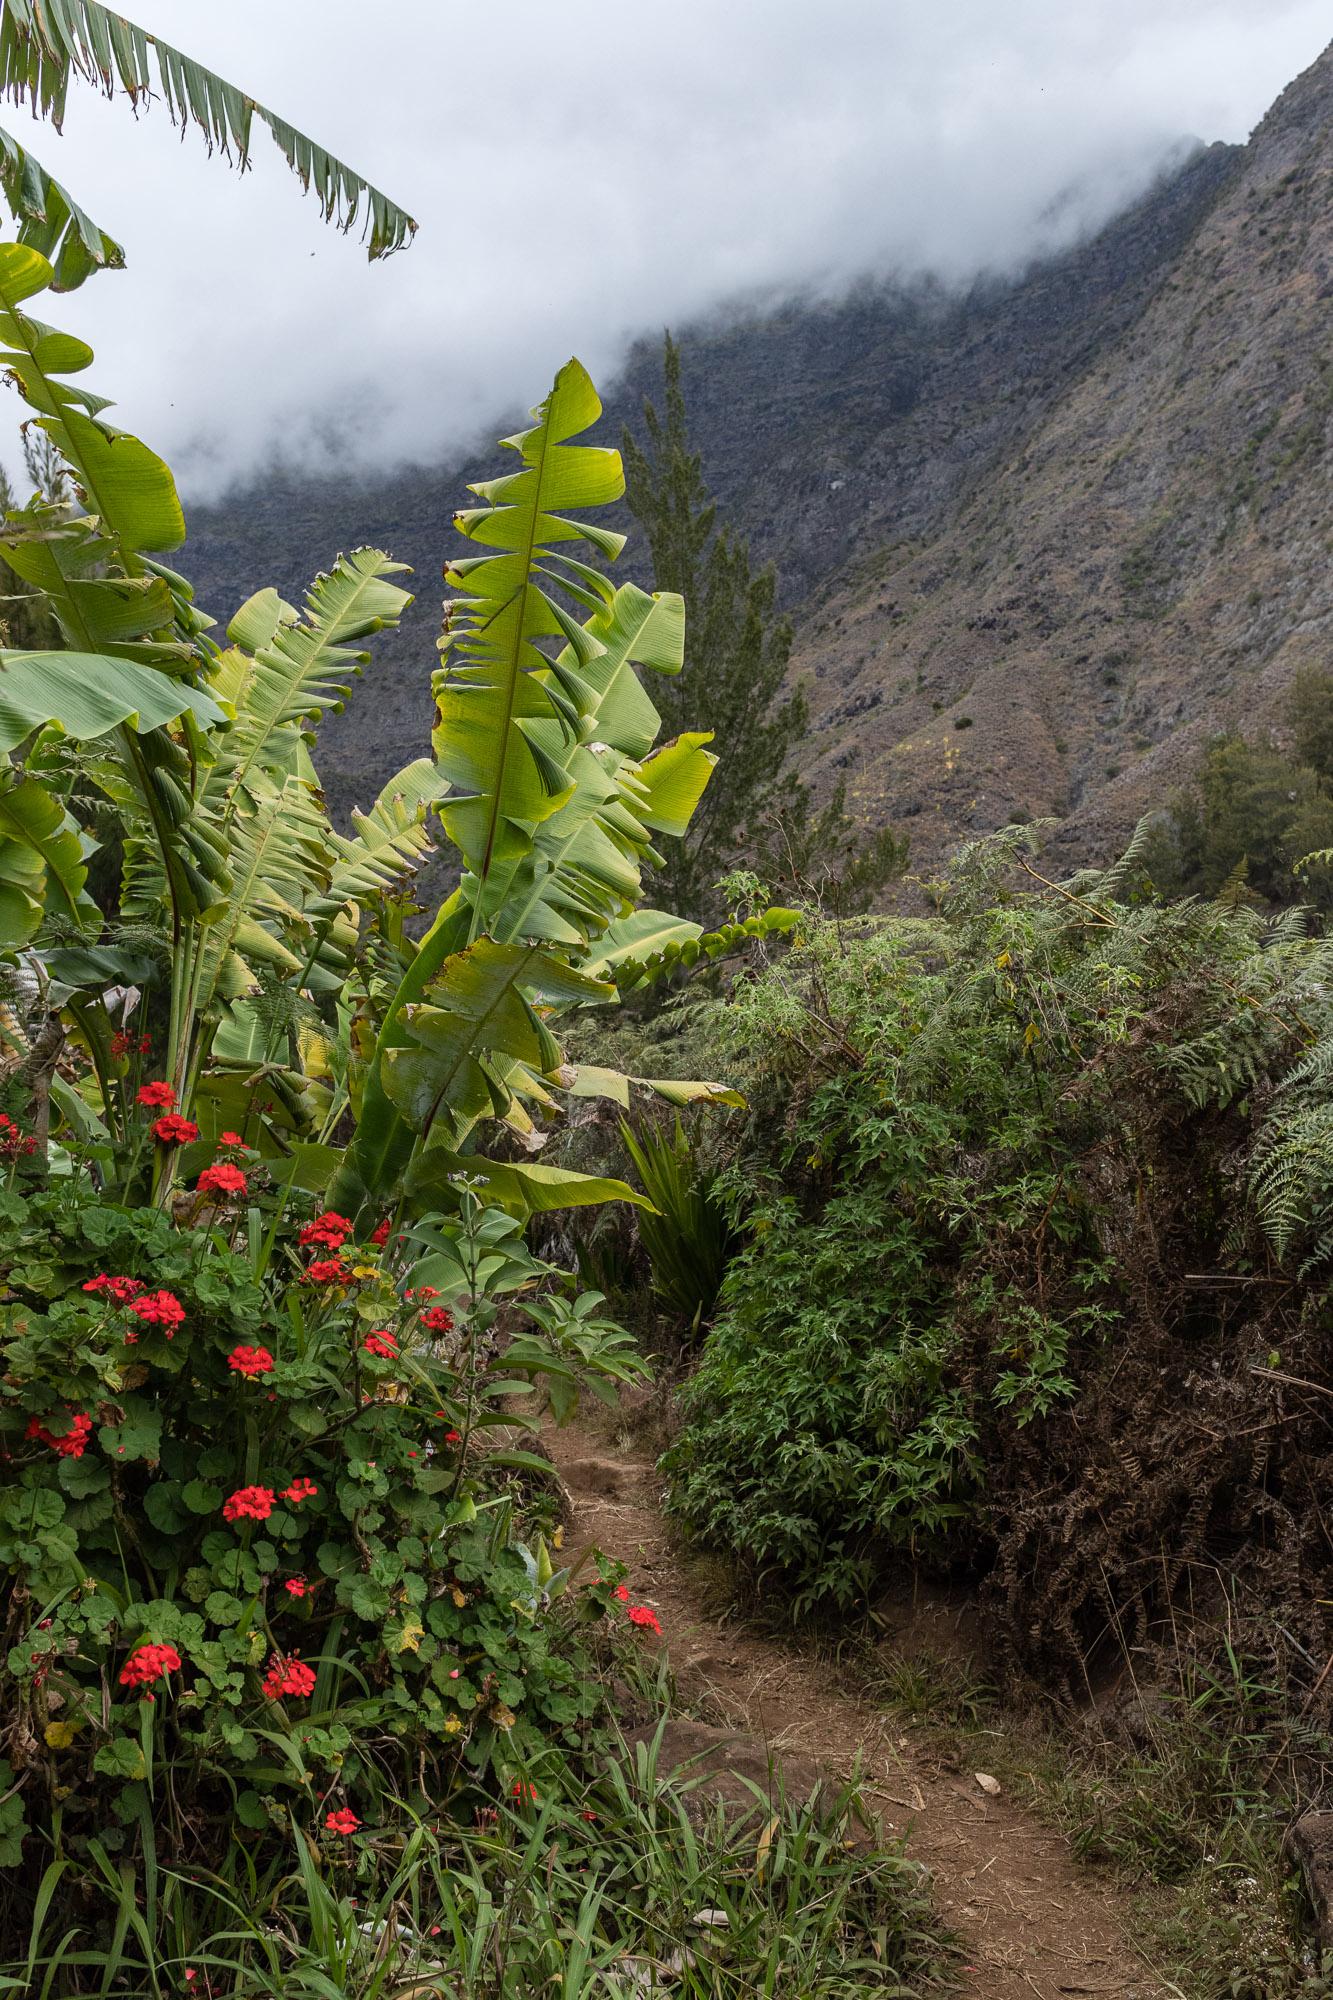 Bananiers et geraniums le long d'un petit chemin de terre de l'ilet des orangers, mafate, la reunion